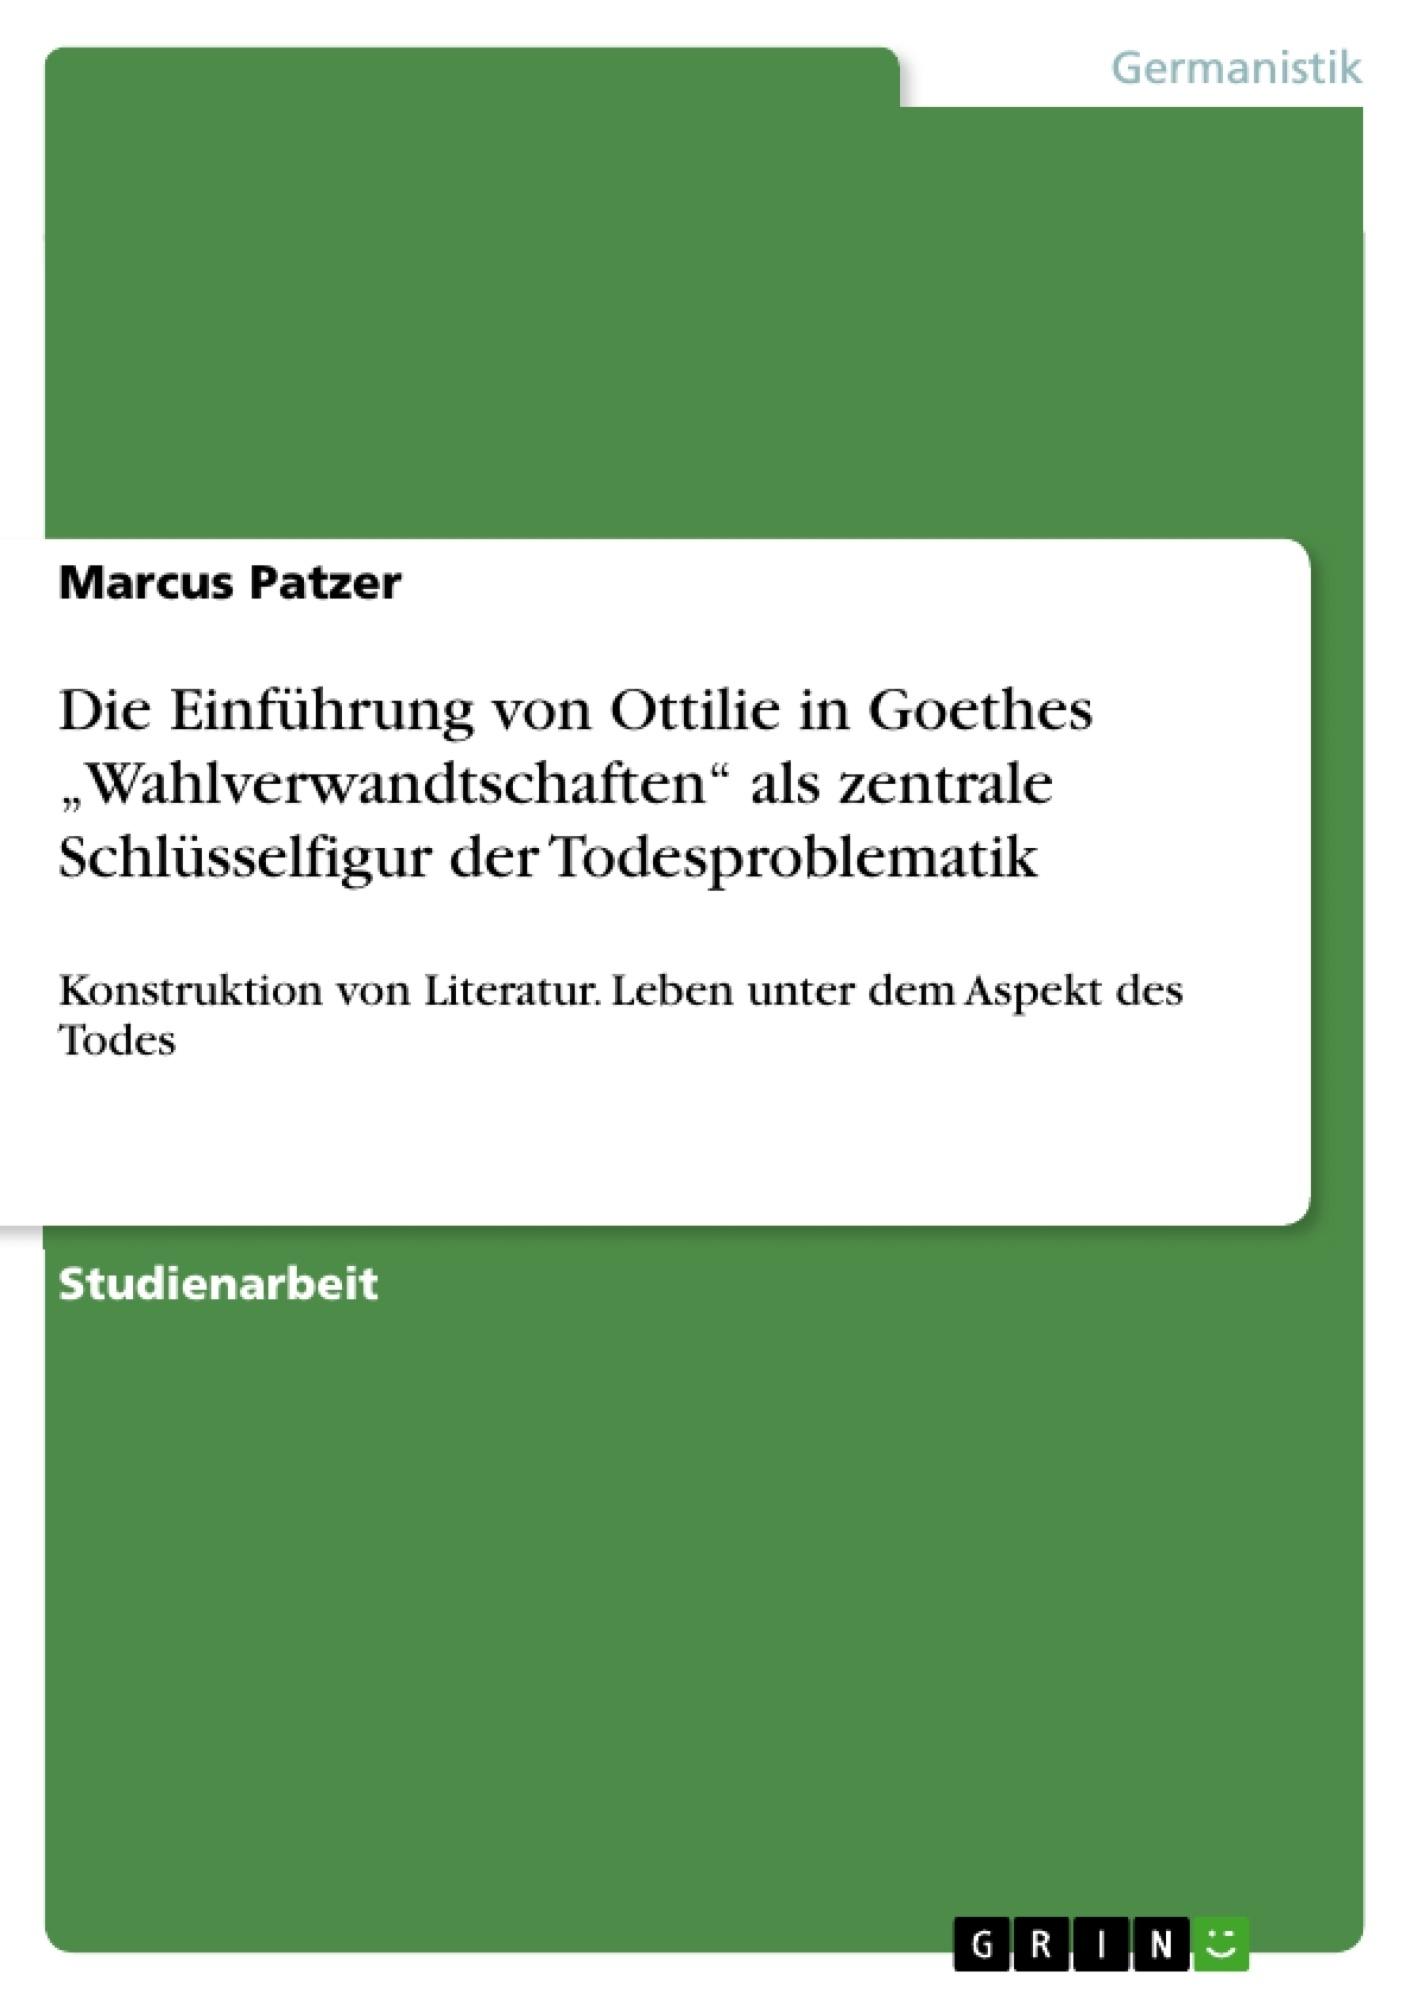 """Titel: Die Einführung von Ottilie in Goethes """"Wahlverwandtschaften"""" als zentrale Schlüsselfigur der Todesproblematik"""